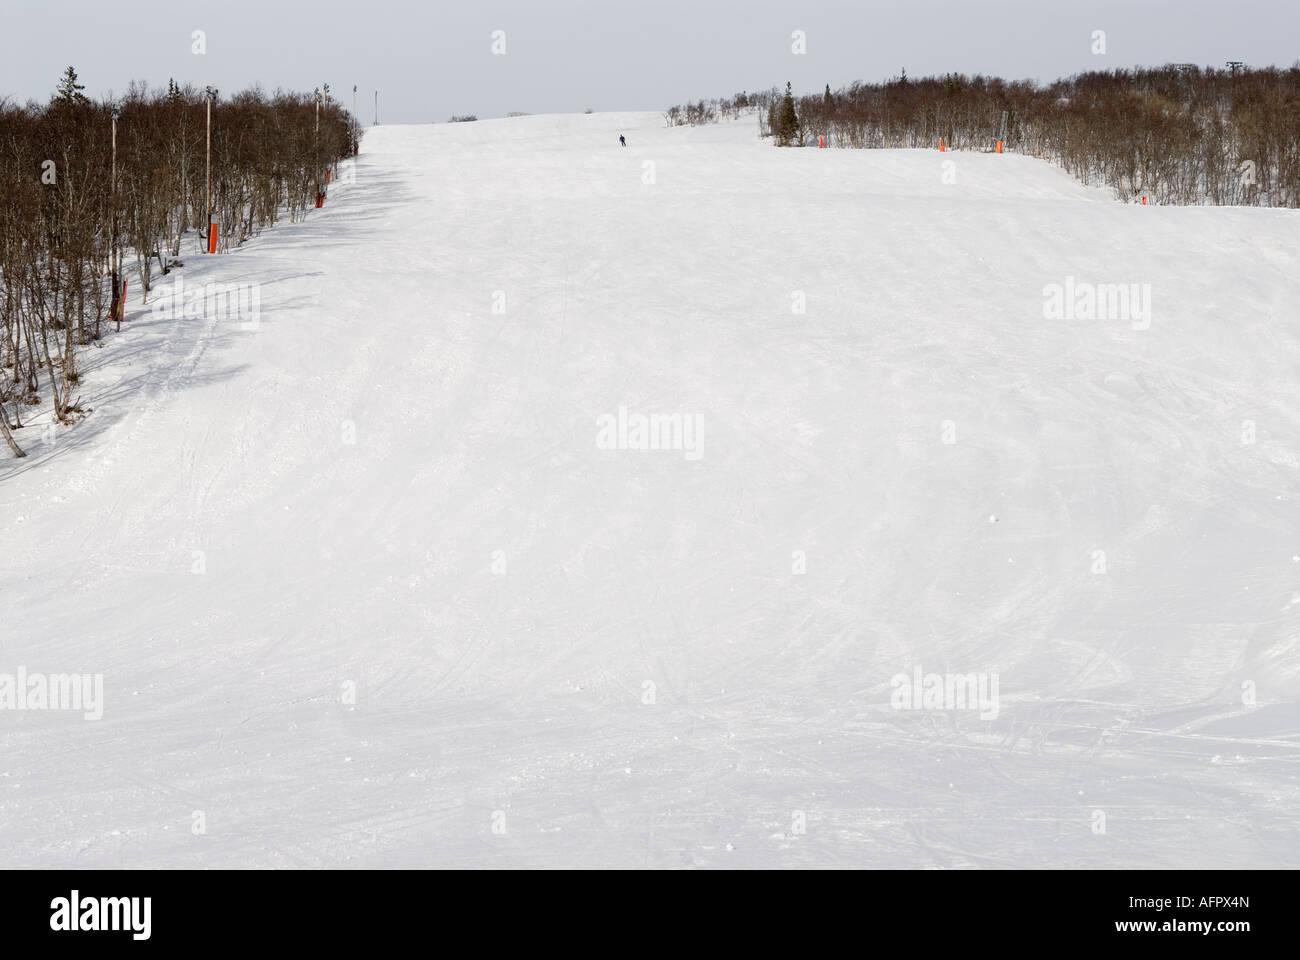 skislope in storlien stock photos & skislope in storlien stock